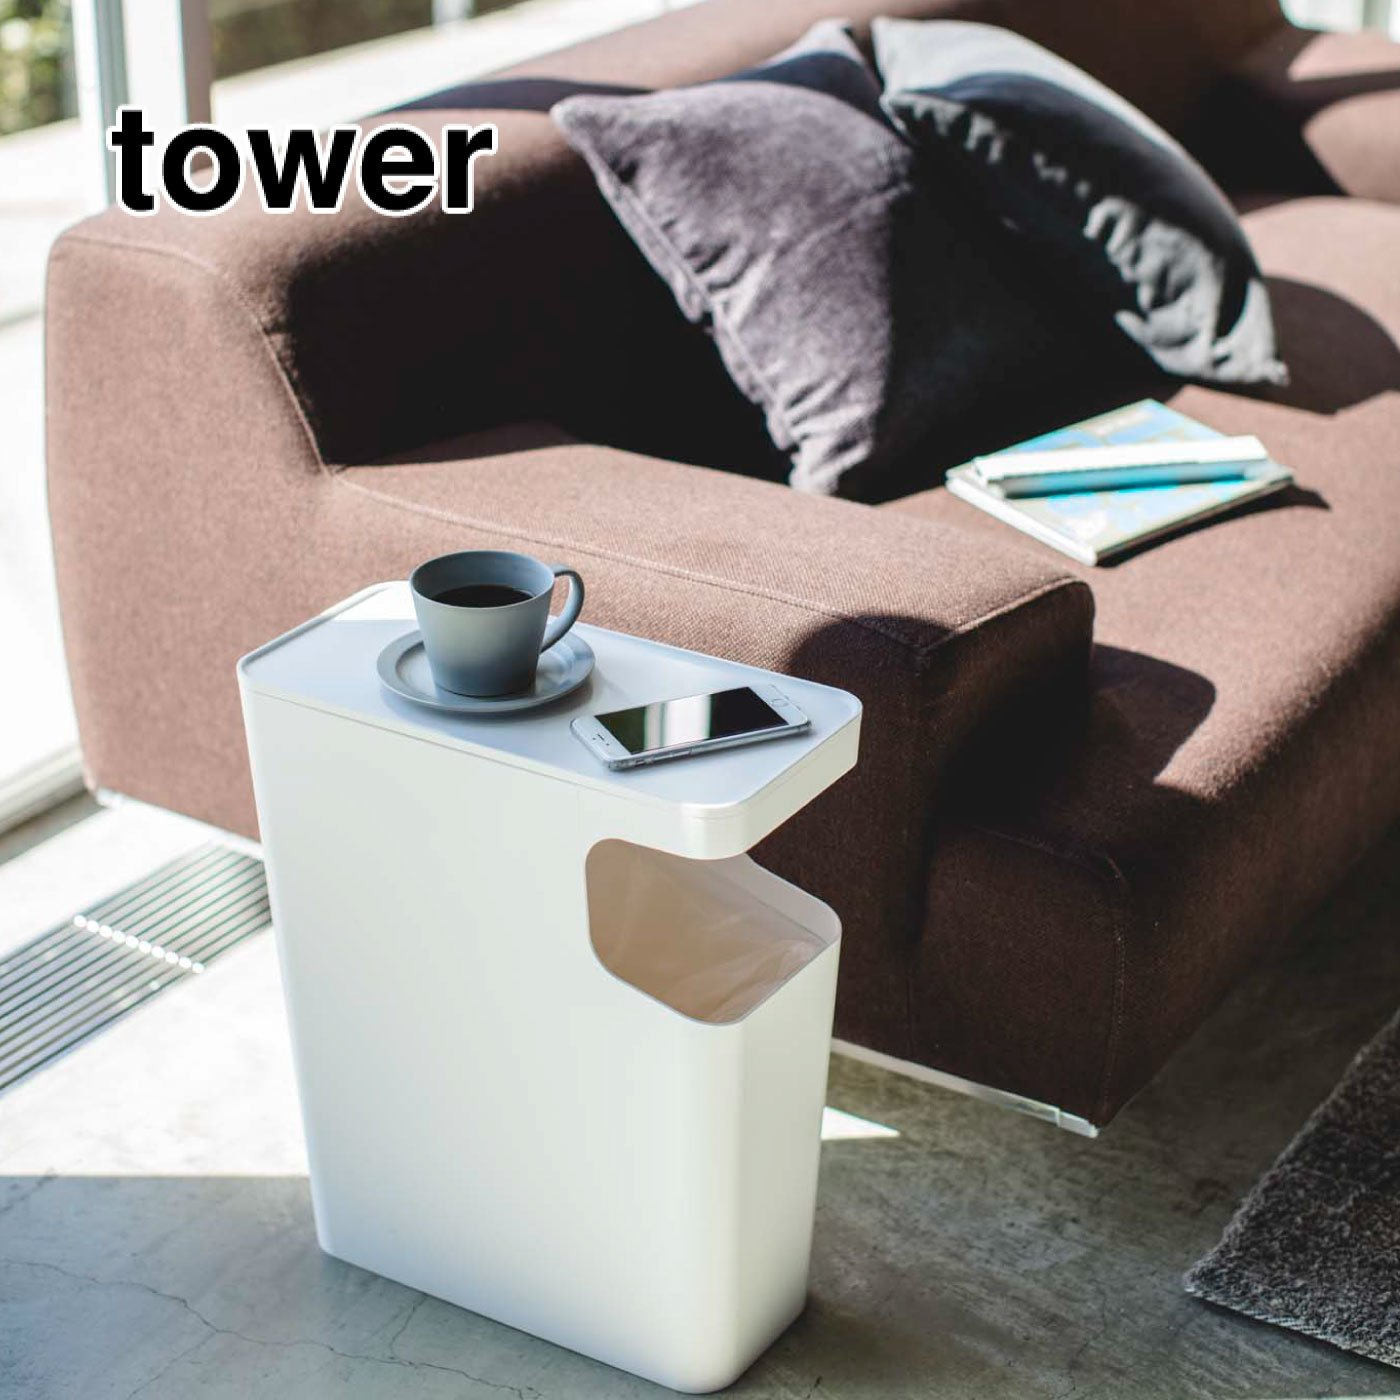 tower ダストボックス&サイドテーブル